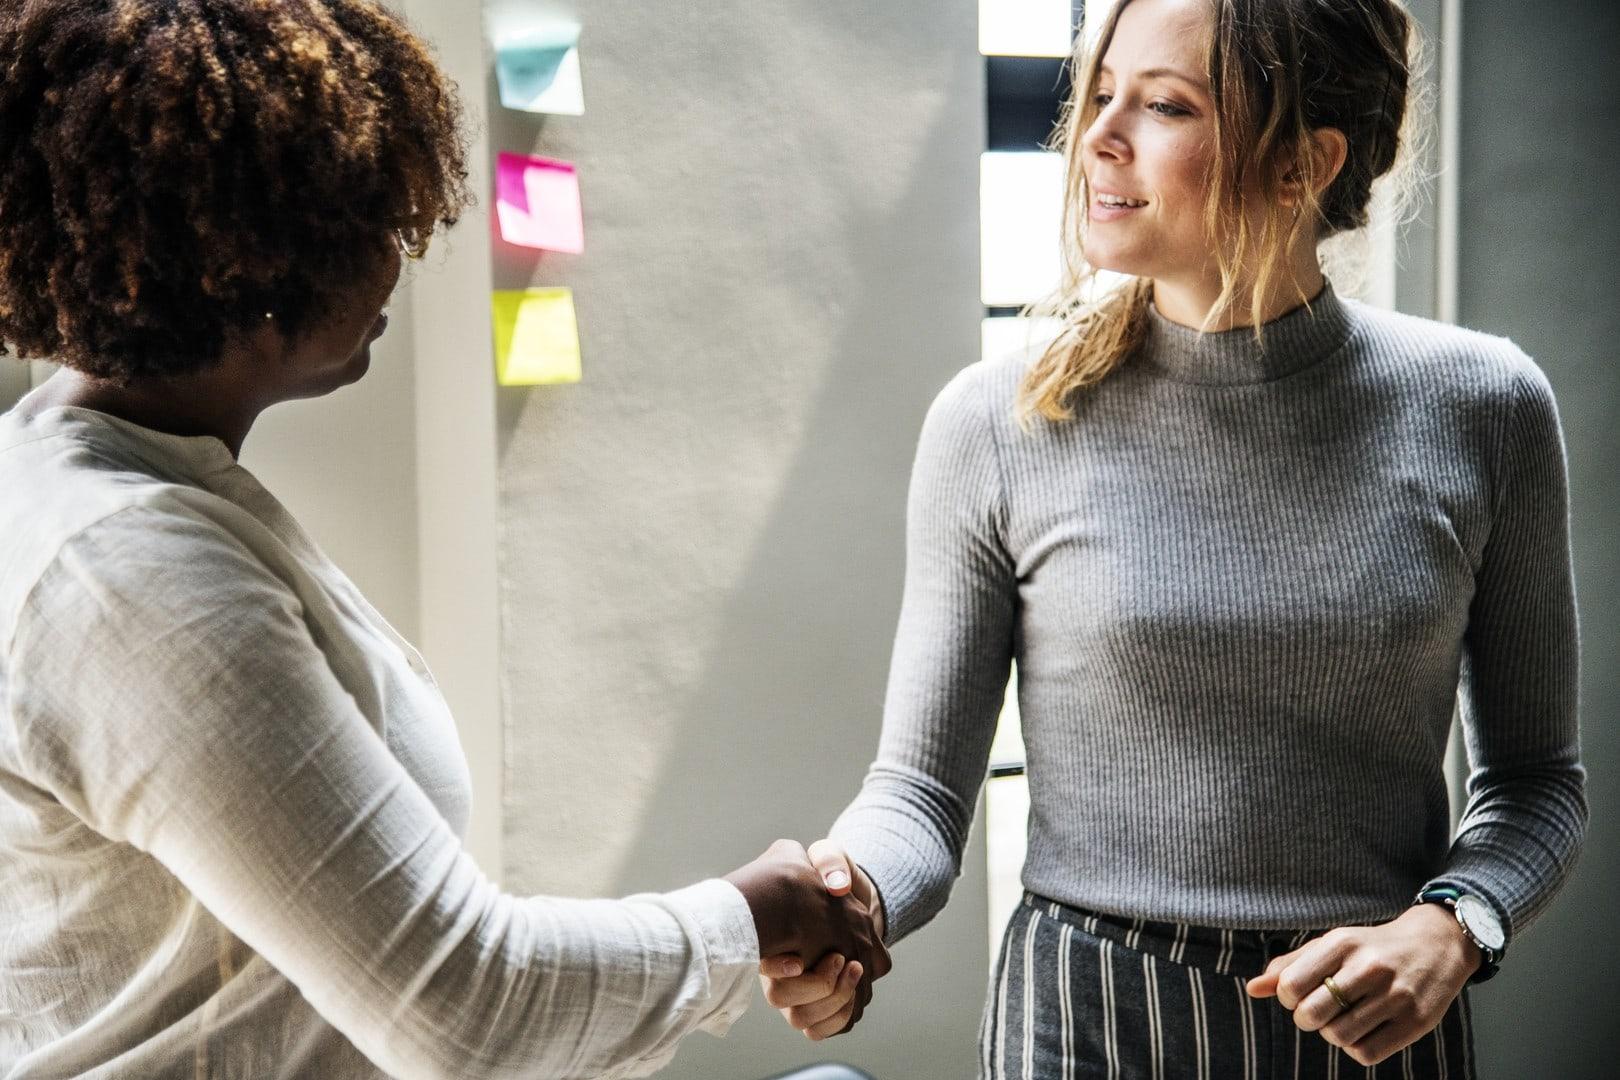 Mitarbeiter richtig kündigen: Mit diesen 5 Tipps wird es für beide Seiten leichter